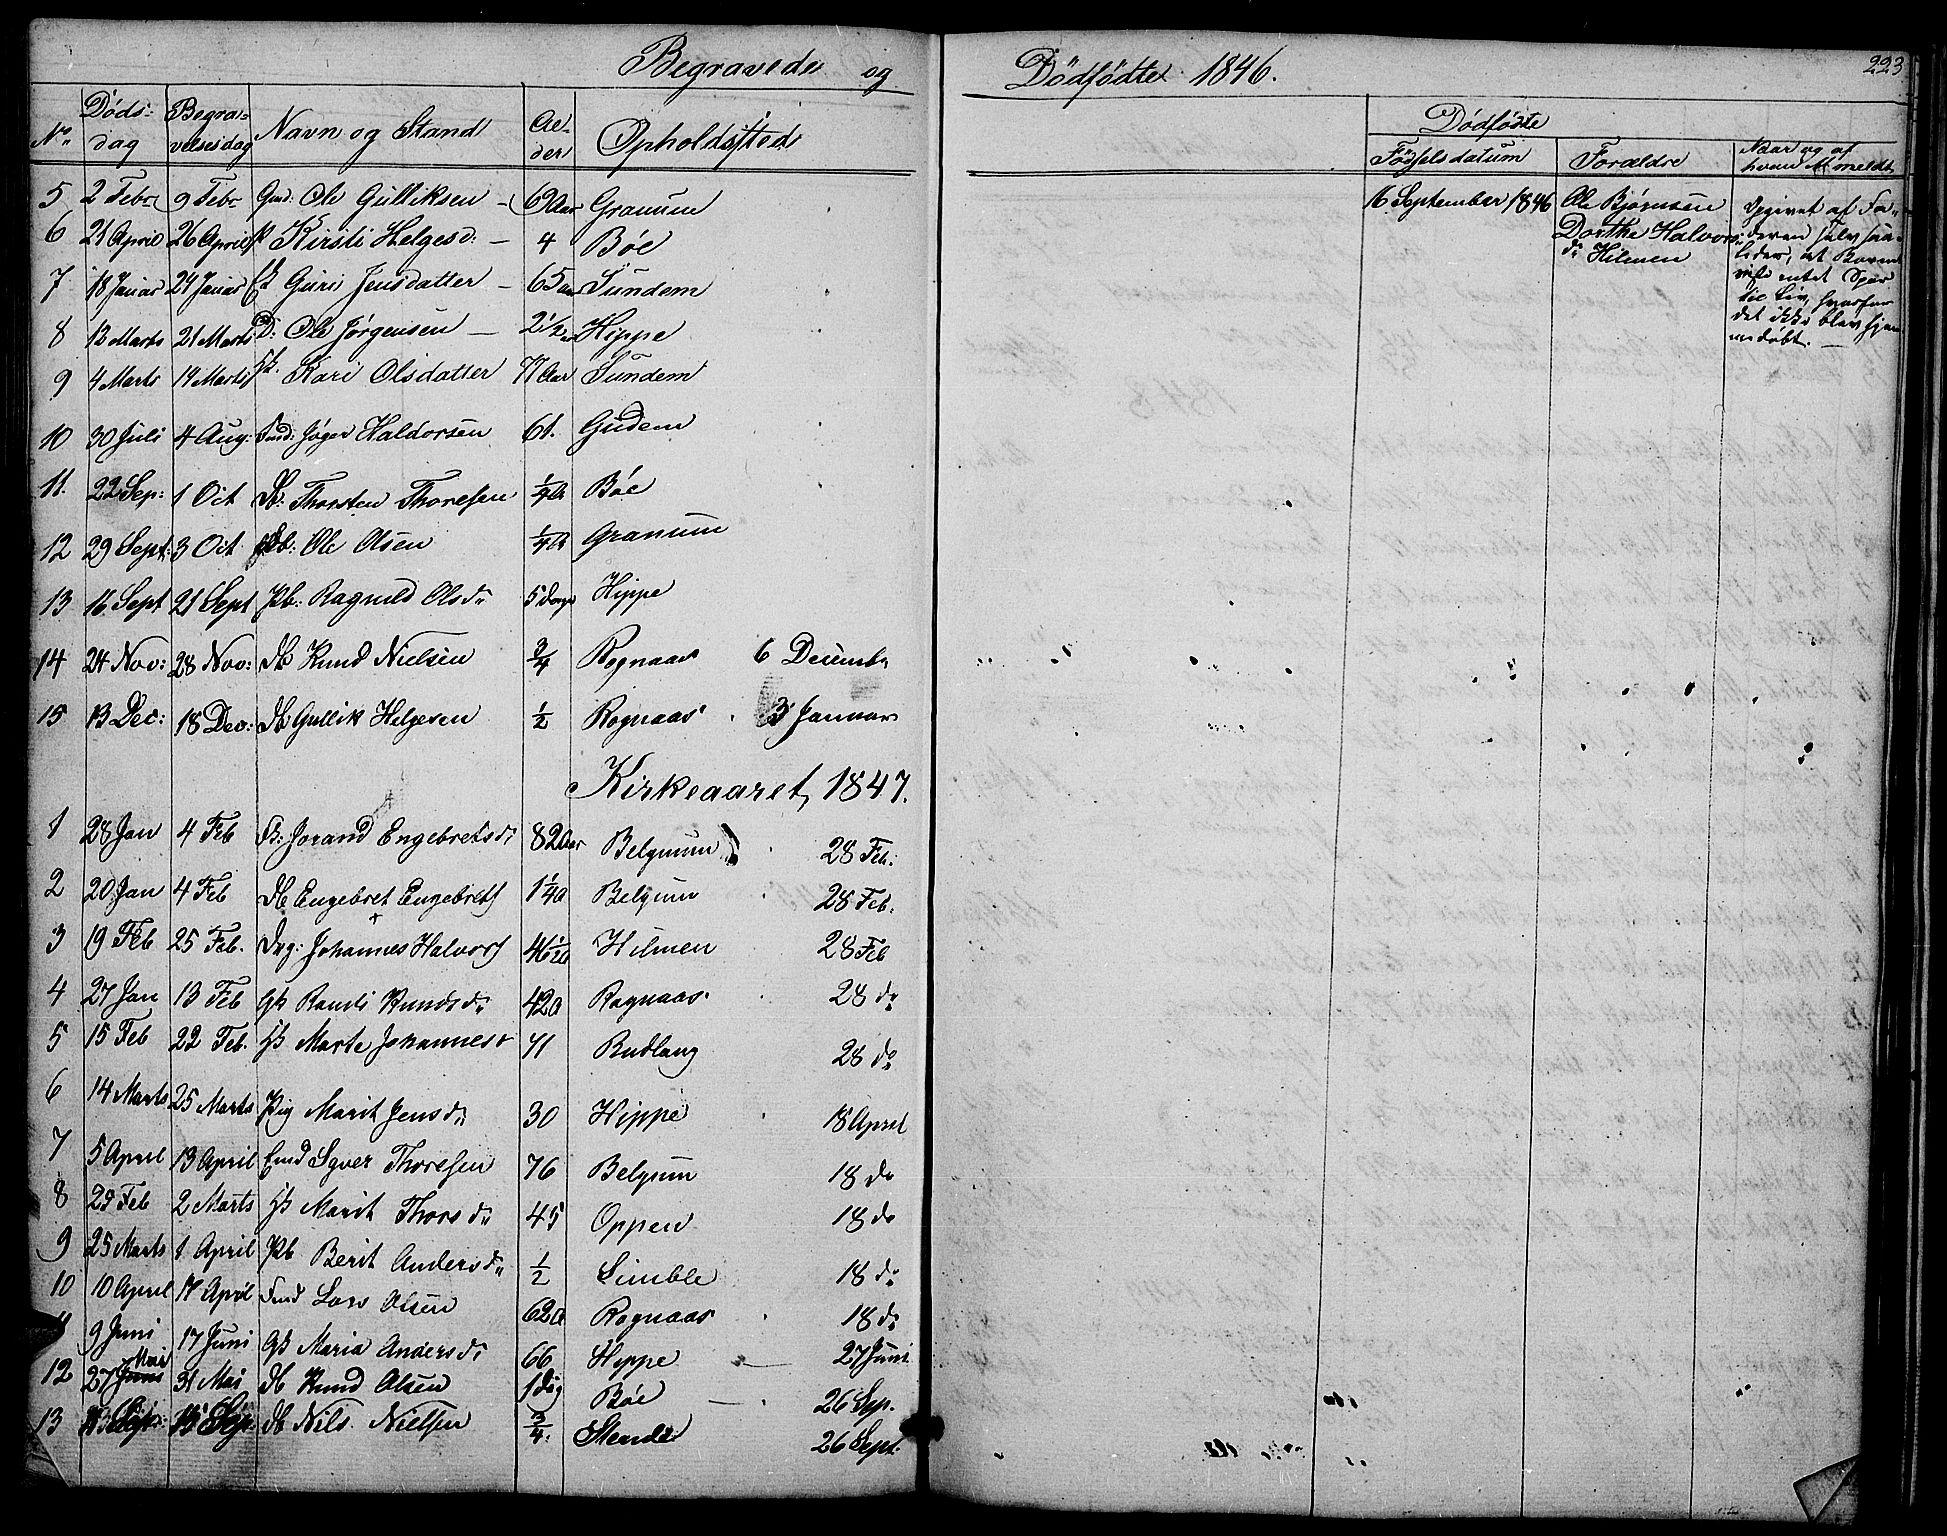 SAH, Nord-Aurdal prestekontor, Klokkerbok nr. 4, 1842-1882, s. 223